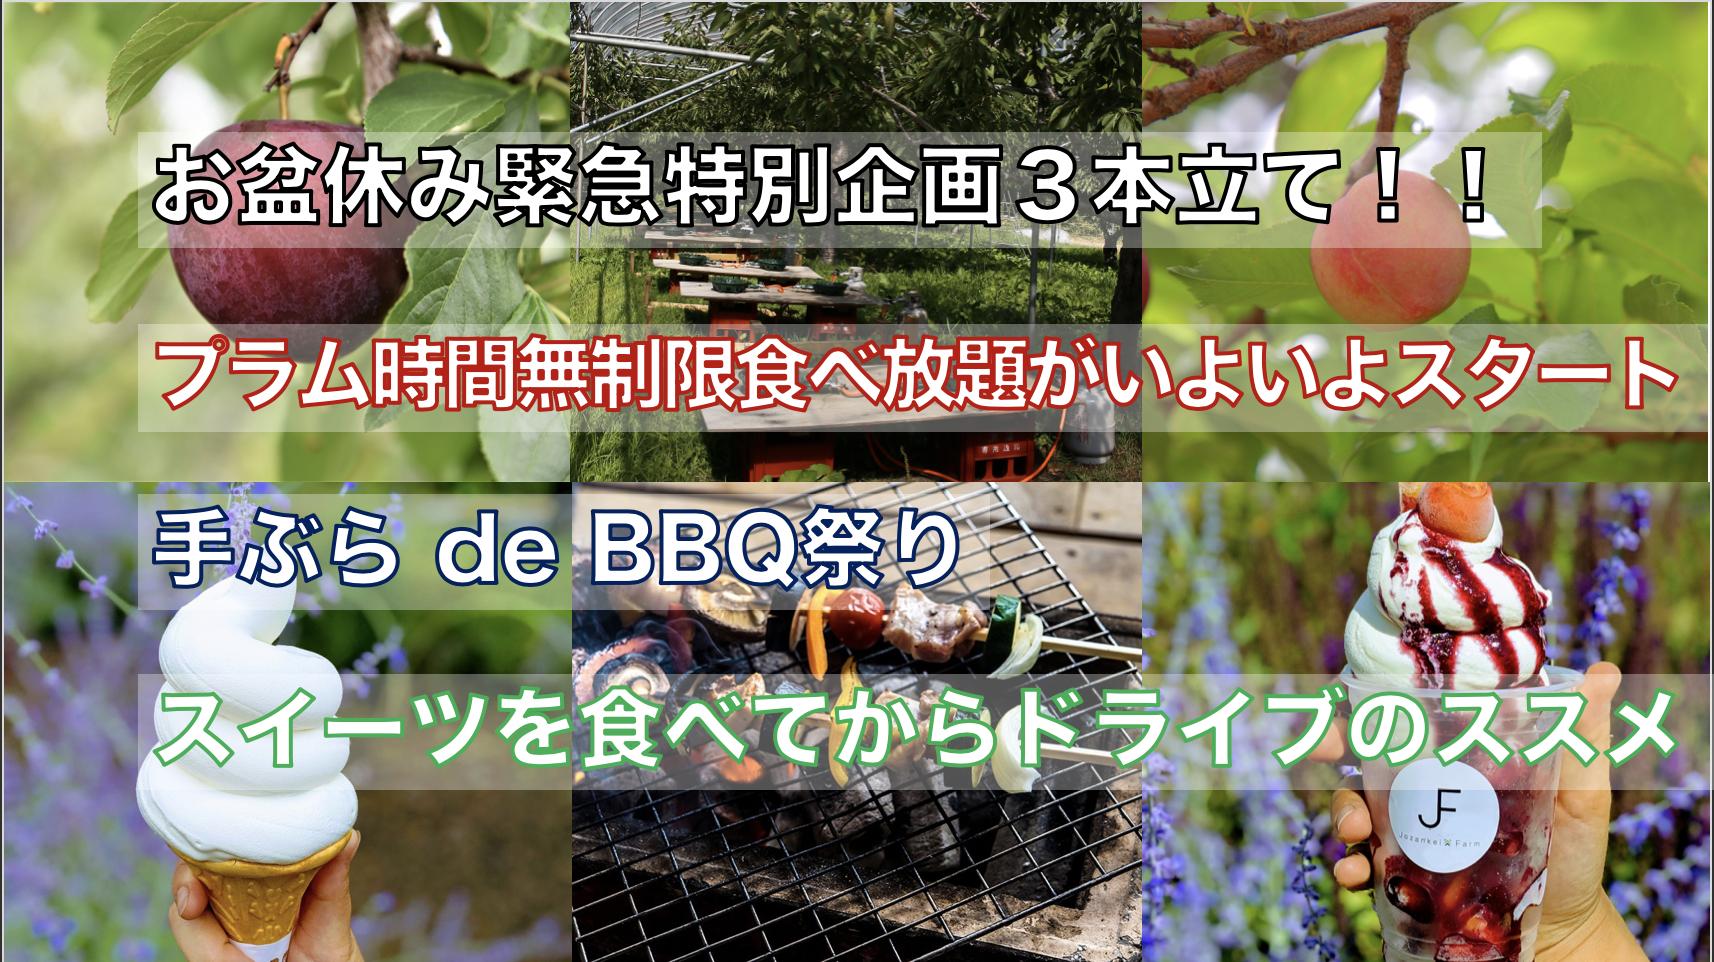 お盆休み緊急特別企画3本立て!!2019夏感謝フェア